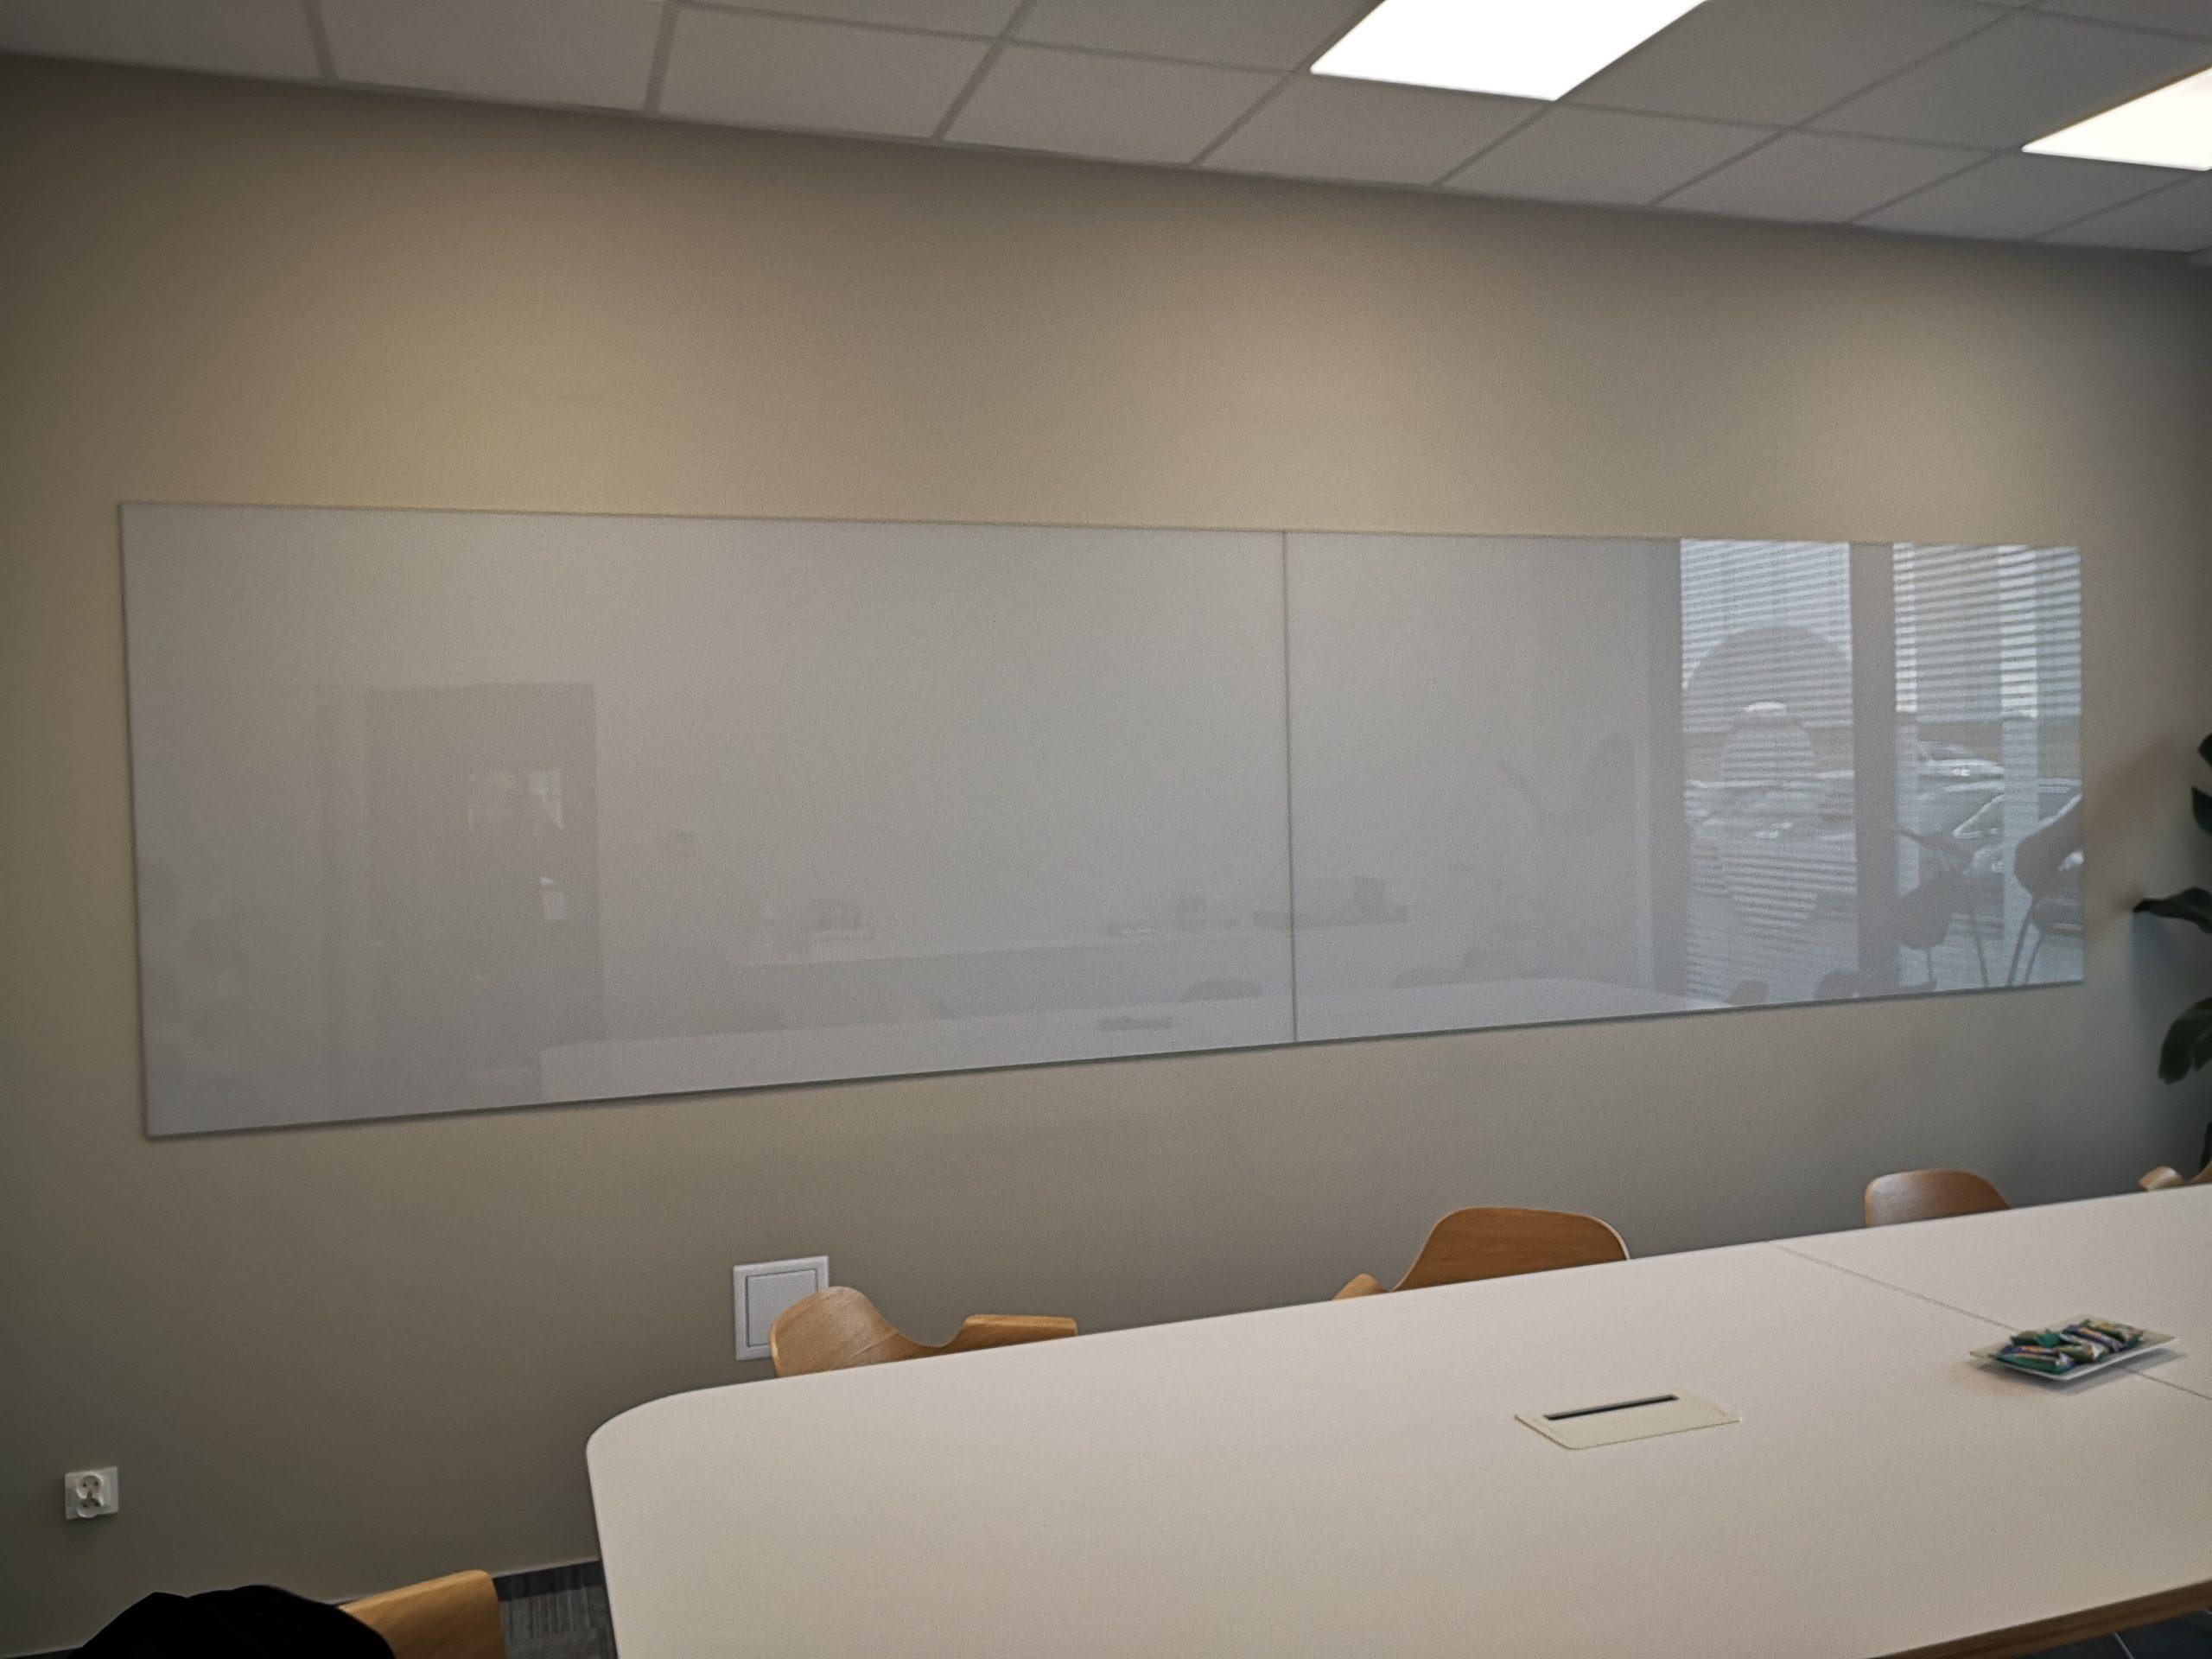 Panele szklane na ściane